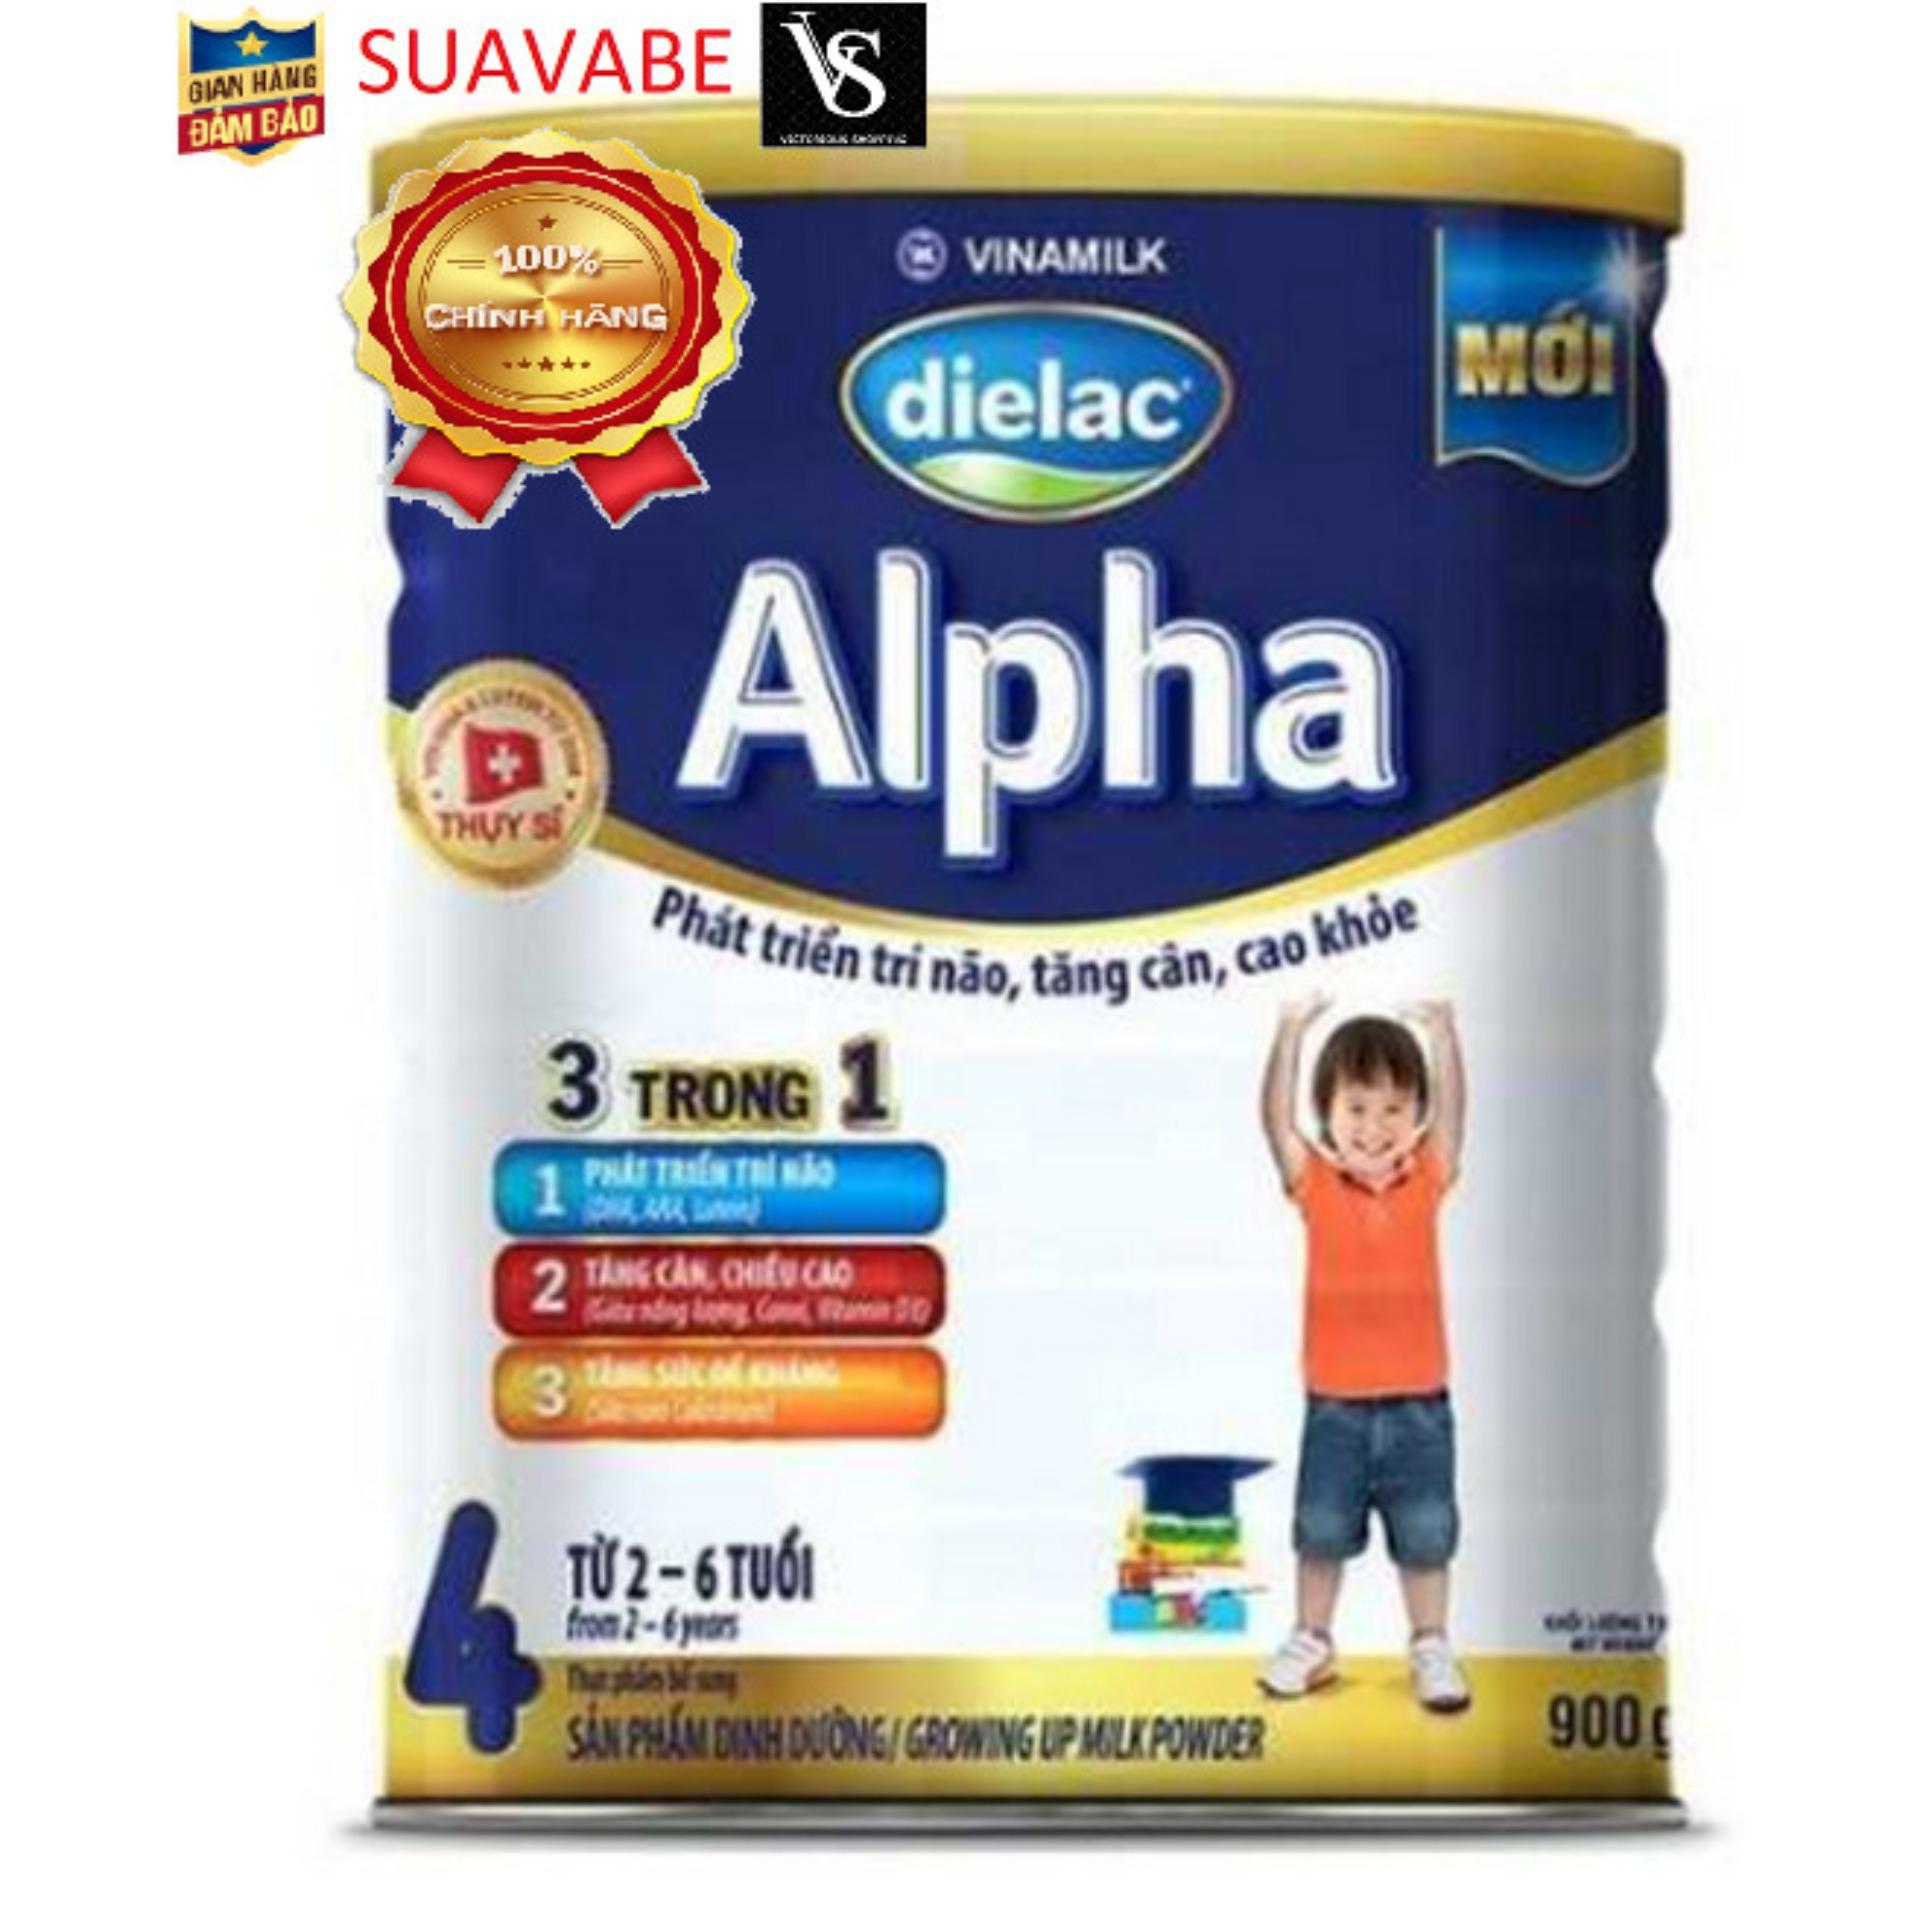 Sữa Dielac Alpha Step 4 - Vinamilk - 900g